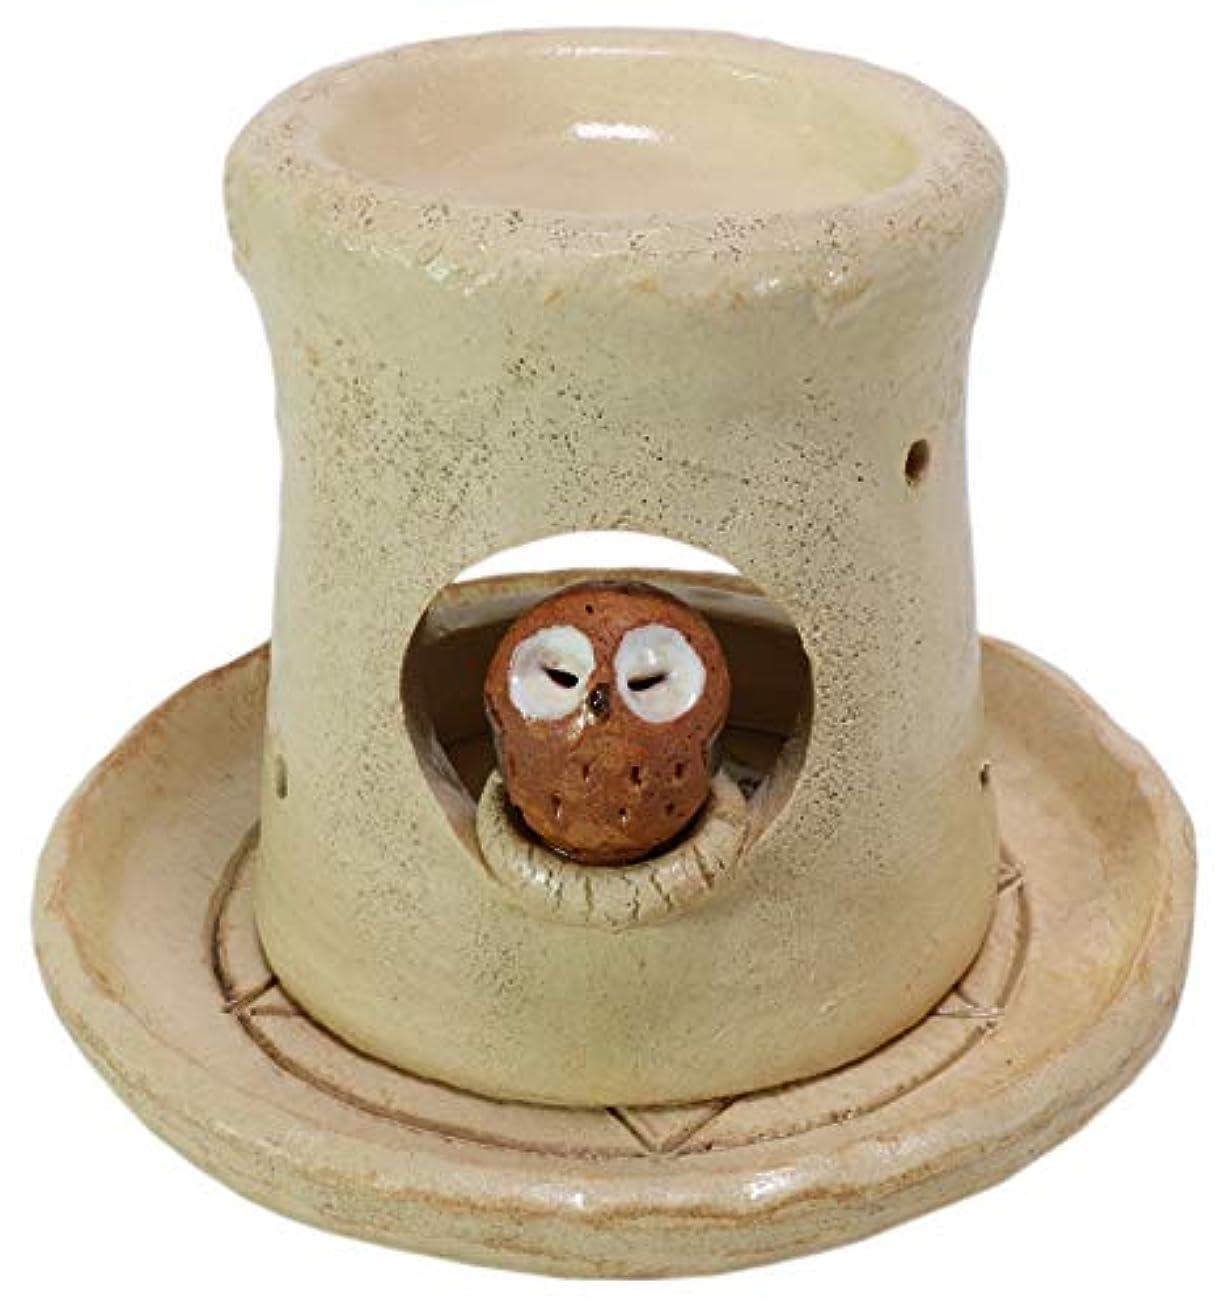 ウガンダしない執着香炉 フクロウ 茶香炉 [H14cm] HANDMADE プレゼント ギフト 和食器 かわいい インテリア